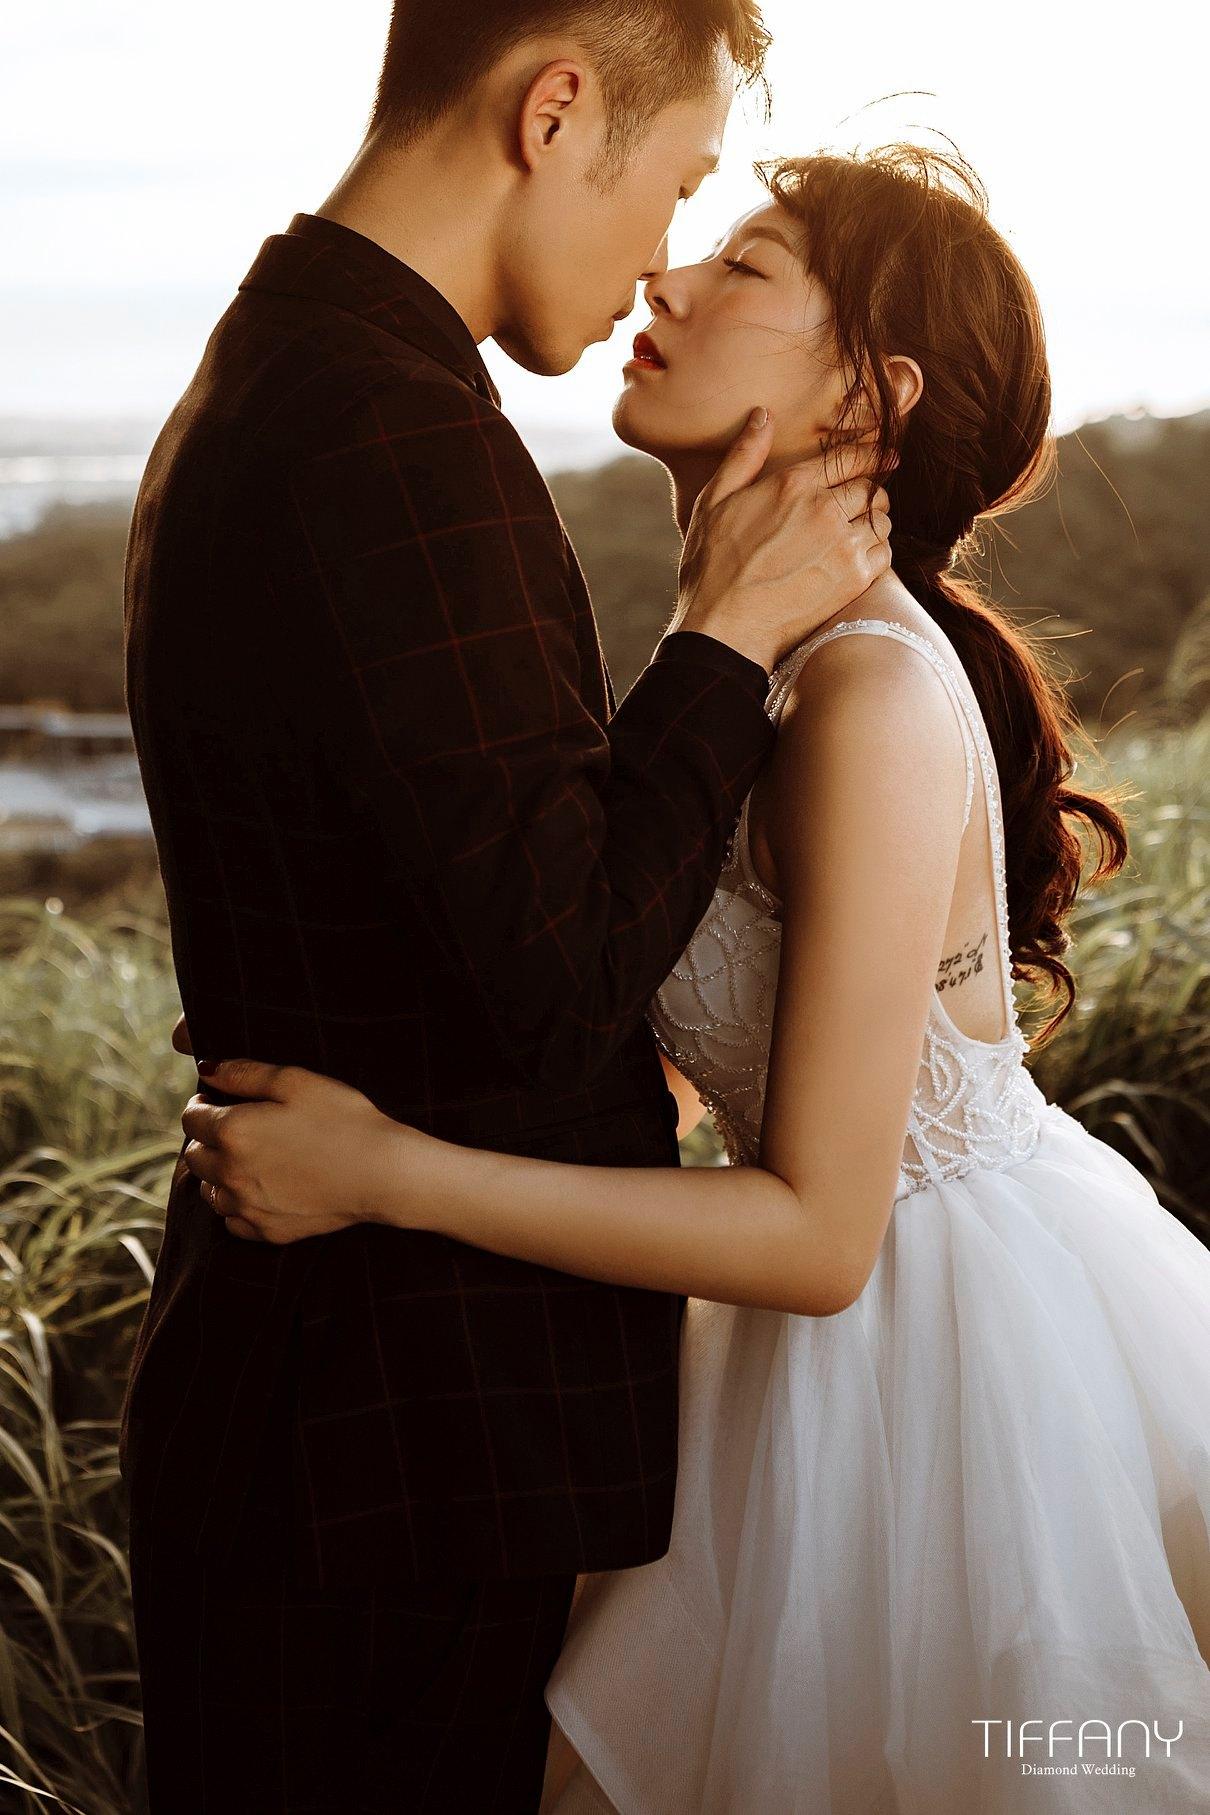 逆光婚紗-上天賜于的奇蹟之美-台中婚紗帝芬妮婚紗Diamond Wedding